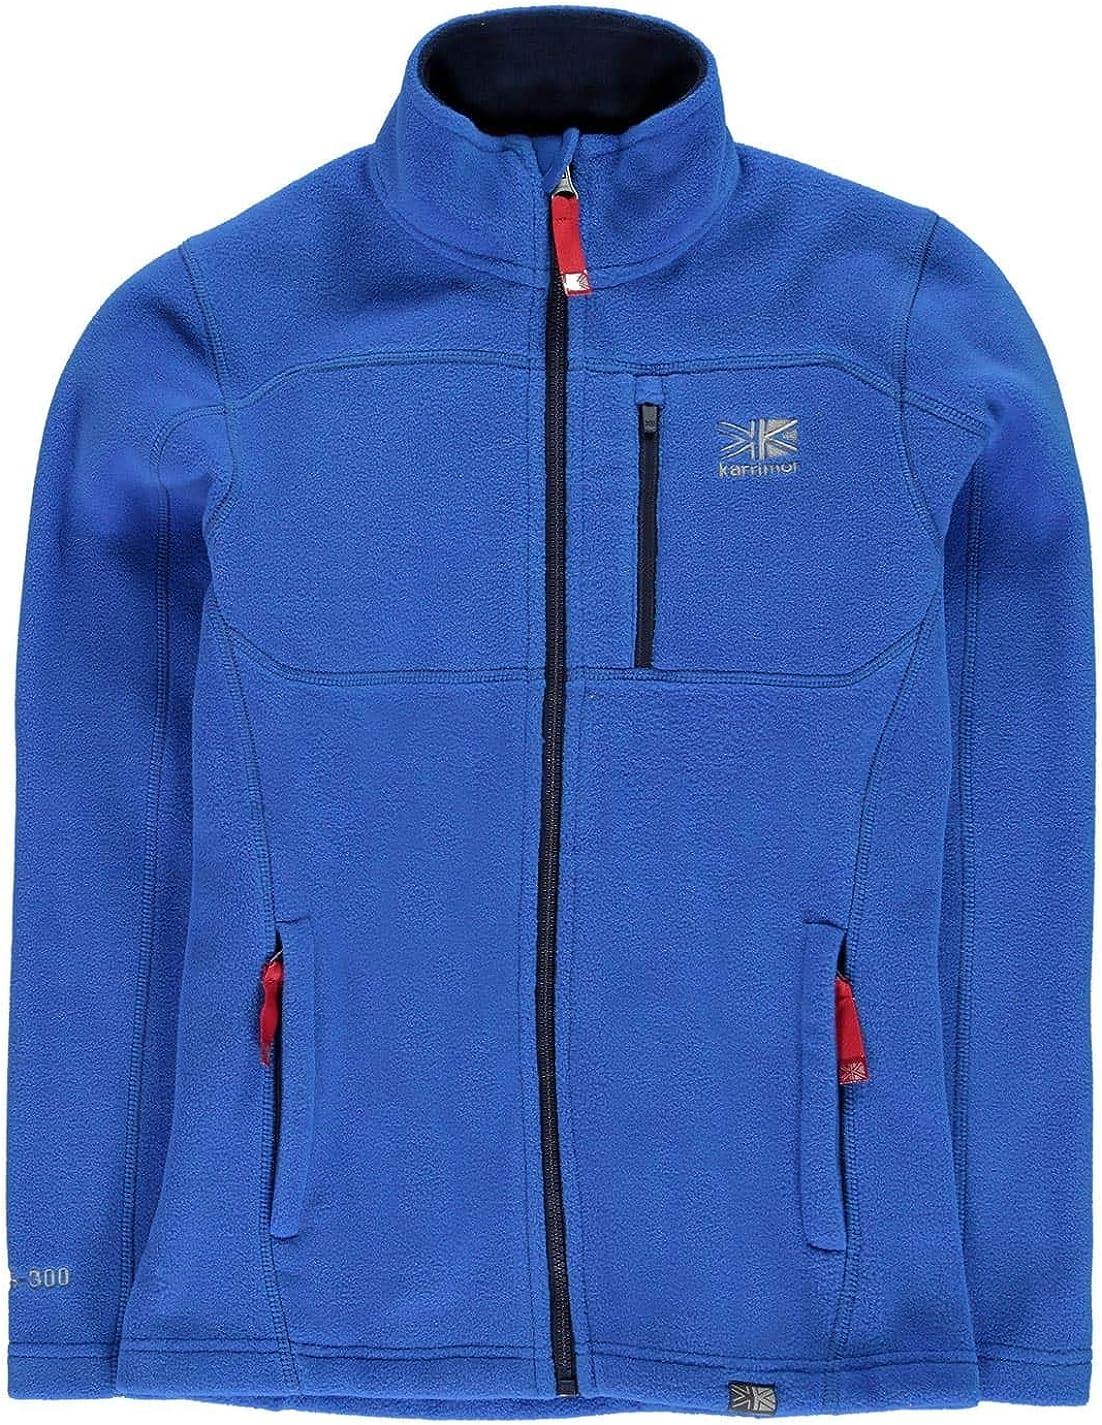 Karrimor Kids Girls Fleece Jacket Junior Full Zip Top Coat